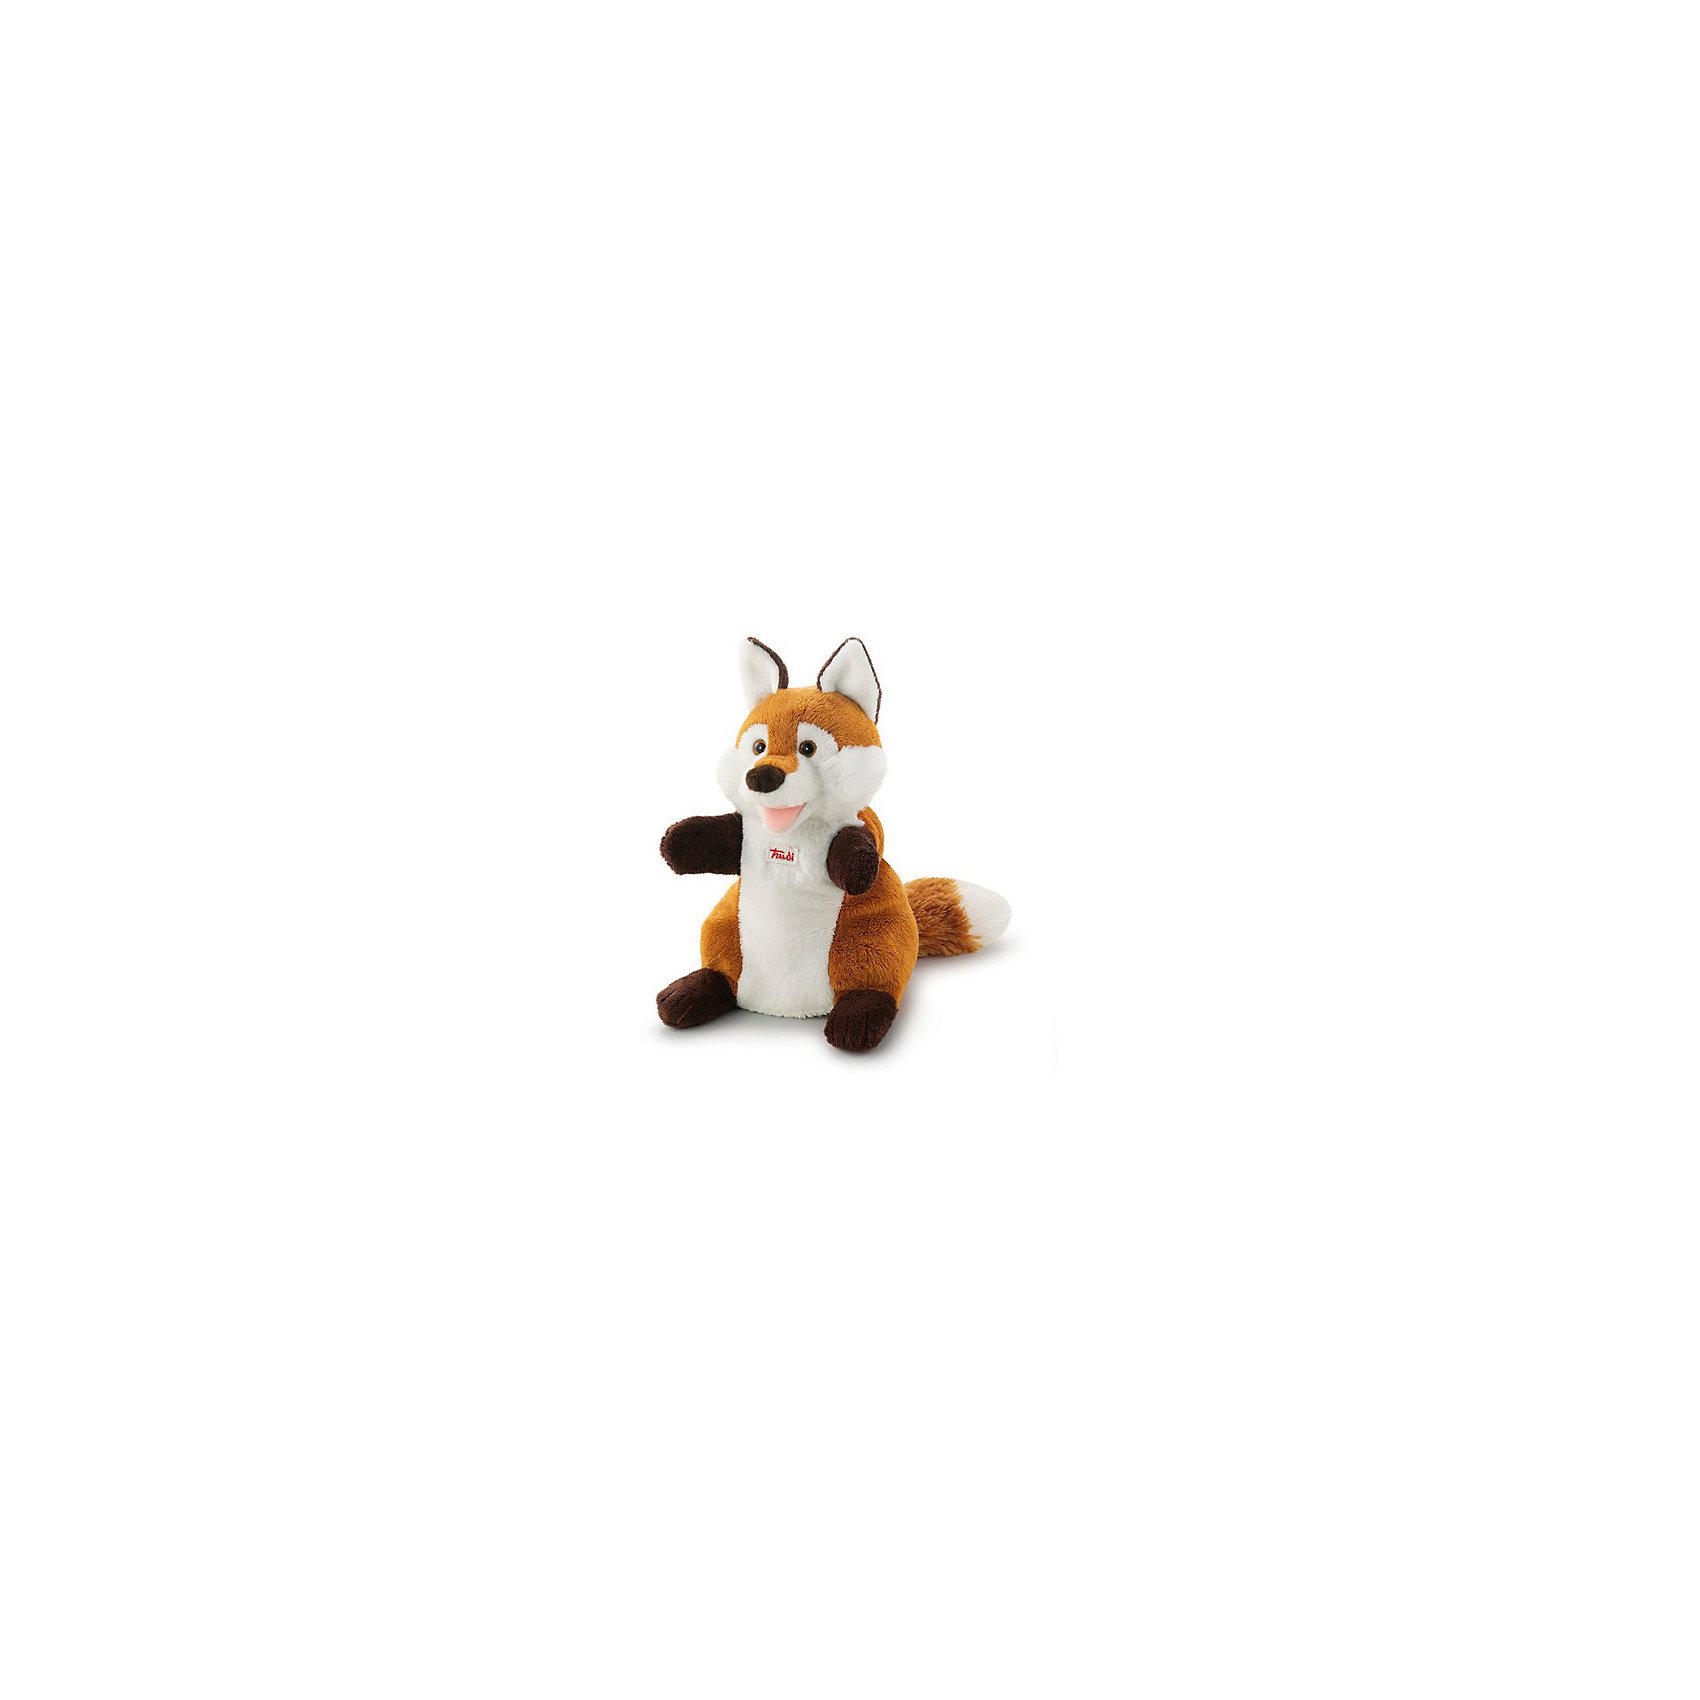 Мягкая игрушка на руку Лиса, 25 см, TrudiМягкие игрушки на руку<br>Очаровательная рыжая Лиса приведет в восторг любого ребенка. Игрушка надевается на руку: вы сможете разыграть с детьми маленький спектакль, а уже подросшие ребята смогут играть с забавной лисичкой самостоятельно.<br>Игрушка изготовлена из высококачественных экологичных материалов абсолютно безопасных для детей. Благодаря тщательной проработке всех деталей Лиса выглядит очень реалистично, что, несомненно, порадует ребенка. Прекрасный подарок на любой праздник! <br><br>Дополнительная информация:<br><br>- Материал: плюш, пластик, текстиль, искусственный мех. <br>- Высота: 25 см. <br>- Допускается машинная стирка при деликатной режиме (30 ?).<br><br>Мягкую игрушку на руку, Лису, 25 см, Trudi (Труди), можно купить в нашем магазине.<br><br>Ширина мм: 130<br>Глубина мм: 190<br>Высота мм: 250<br>Вес г: 120<br>Возраст от месяцев: 12<br>Возраст до месяцев: 2147483647<br>Пол: Унисекс<br>Возраст: Детский<br>SKU: 5055268